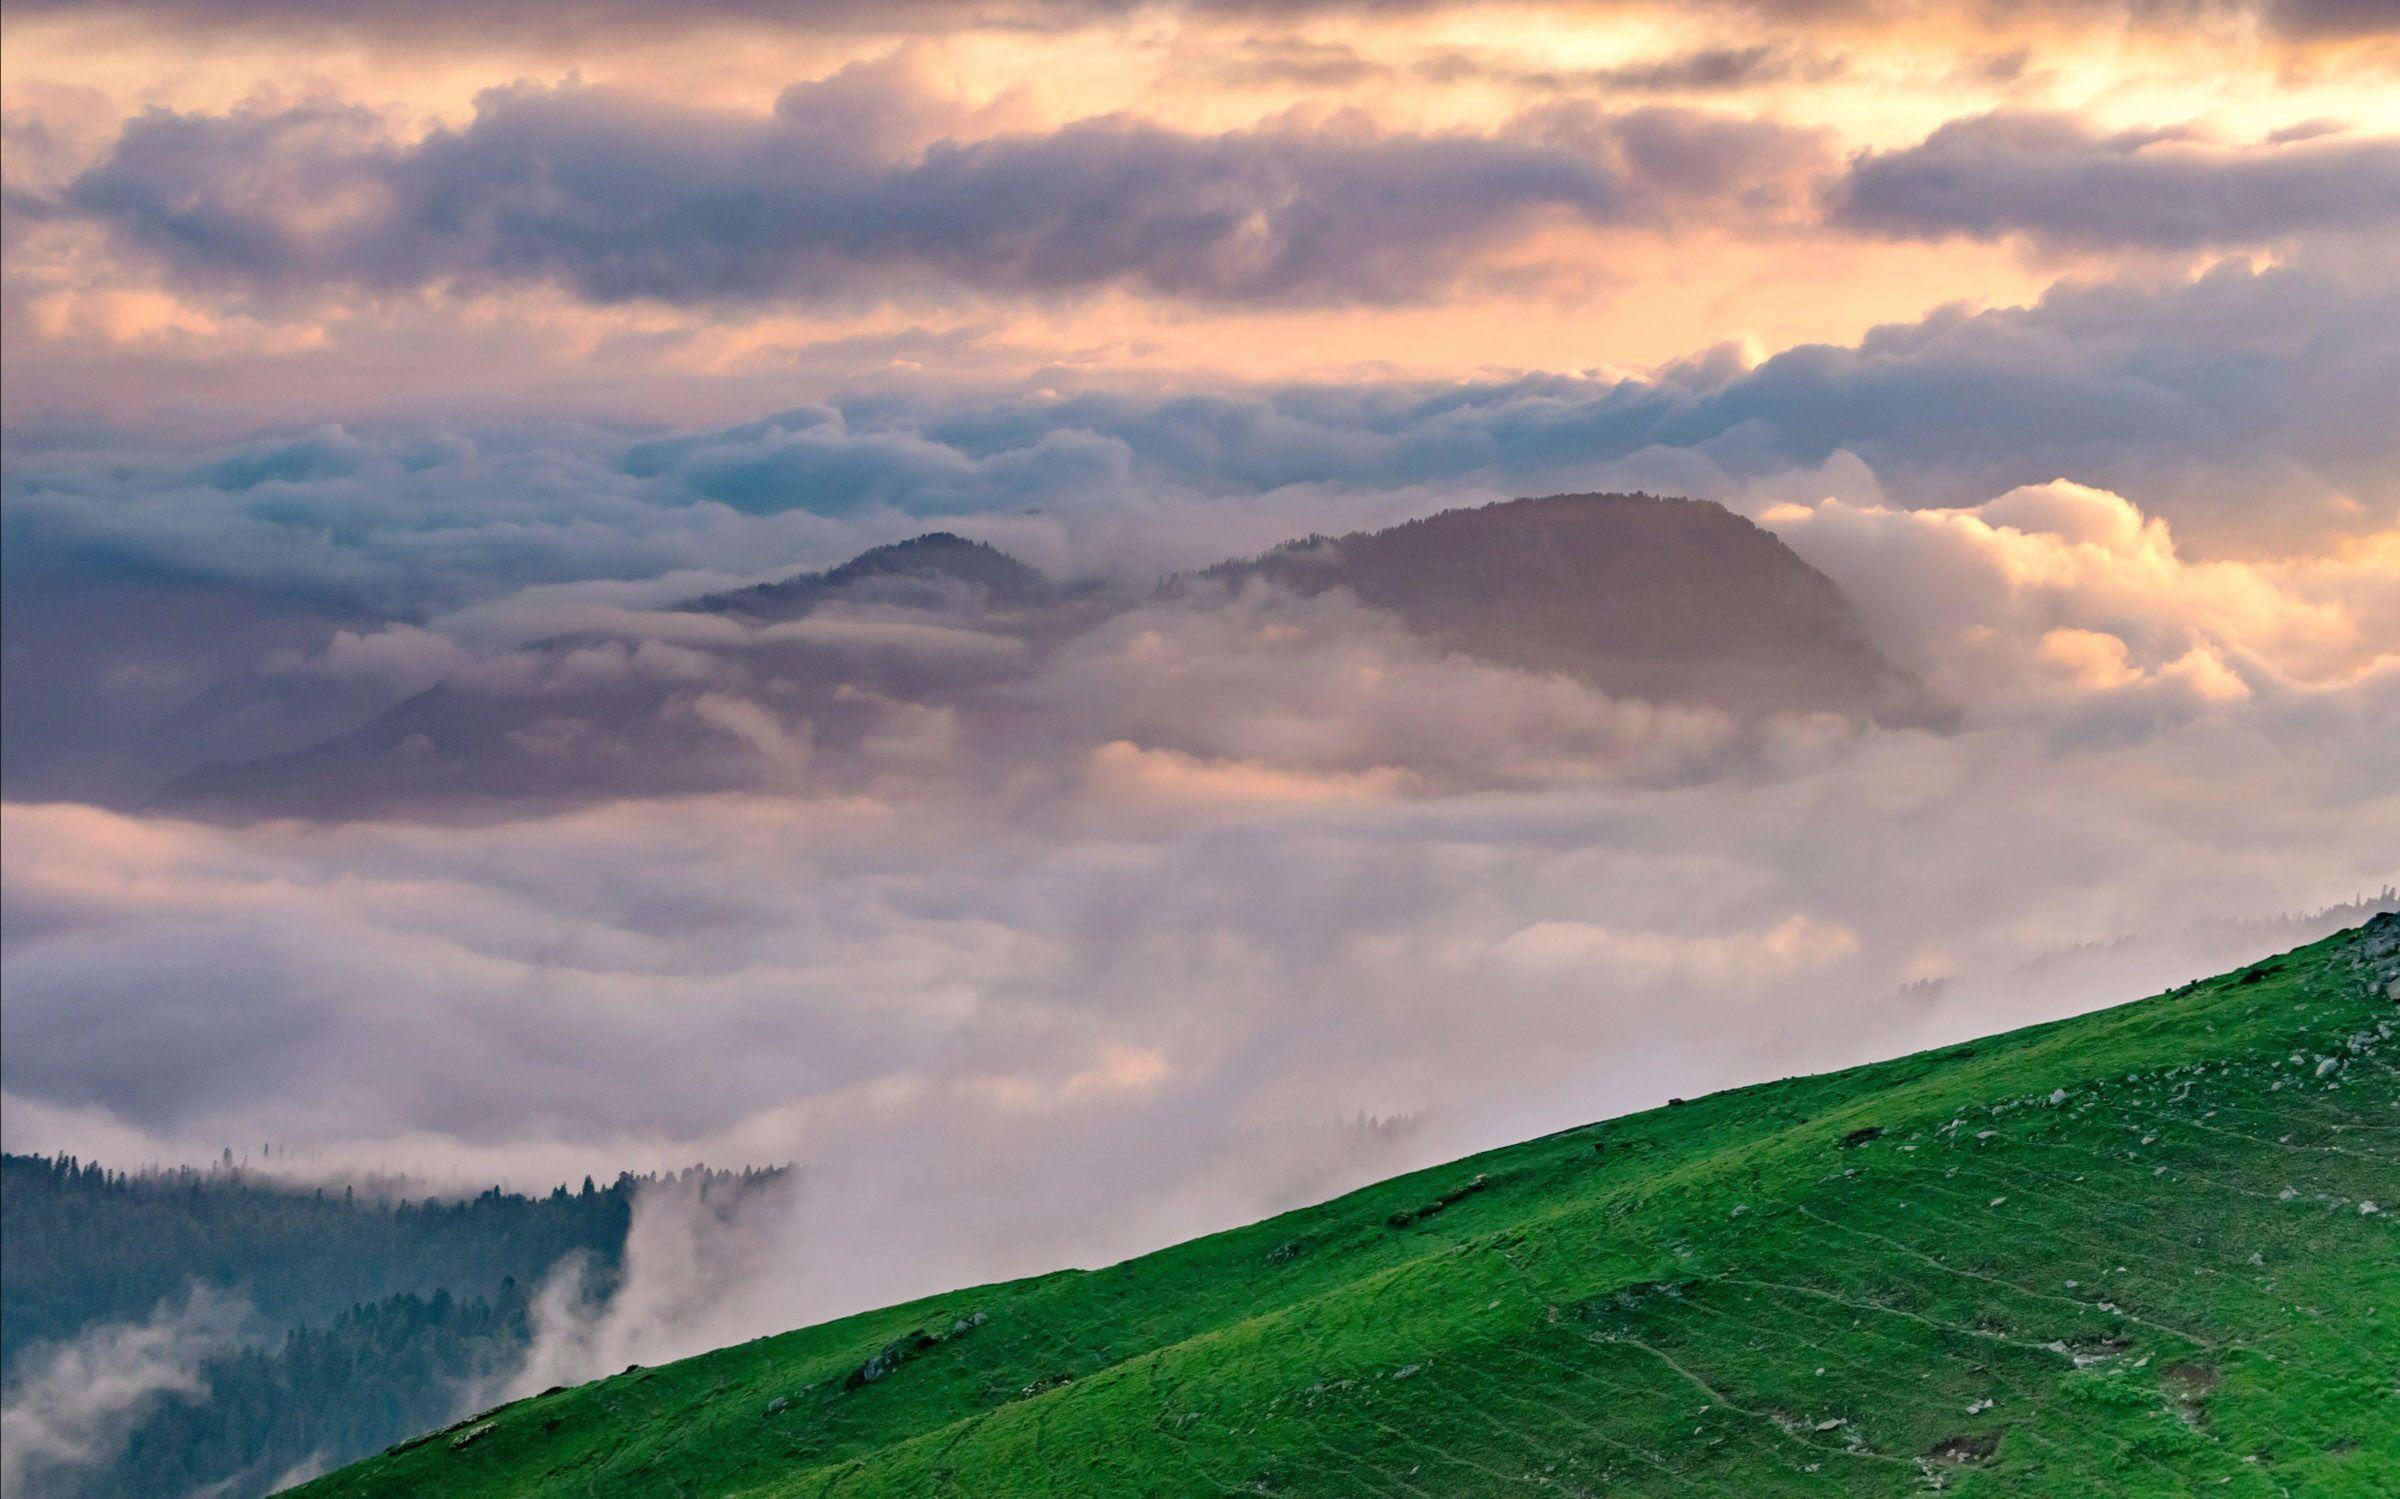 кавказ, горы, свет, облака, Исаков Дмитрий